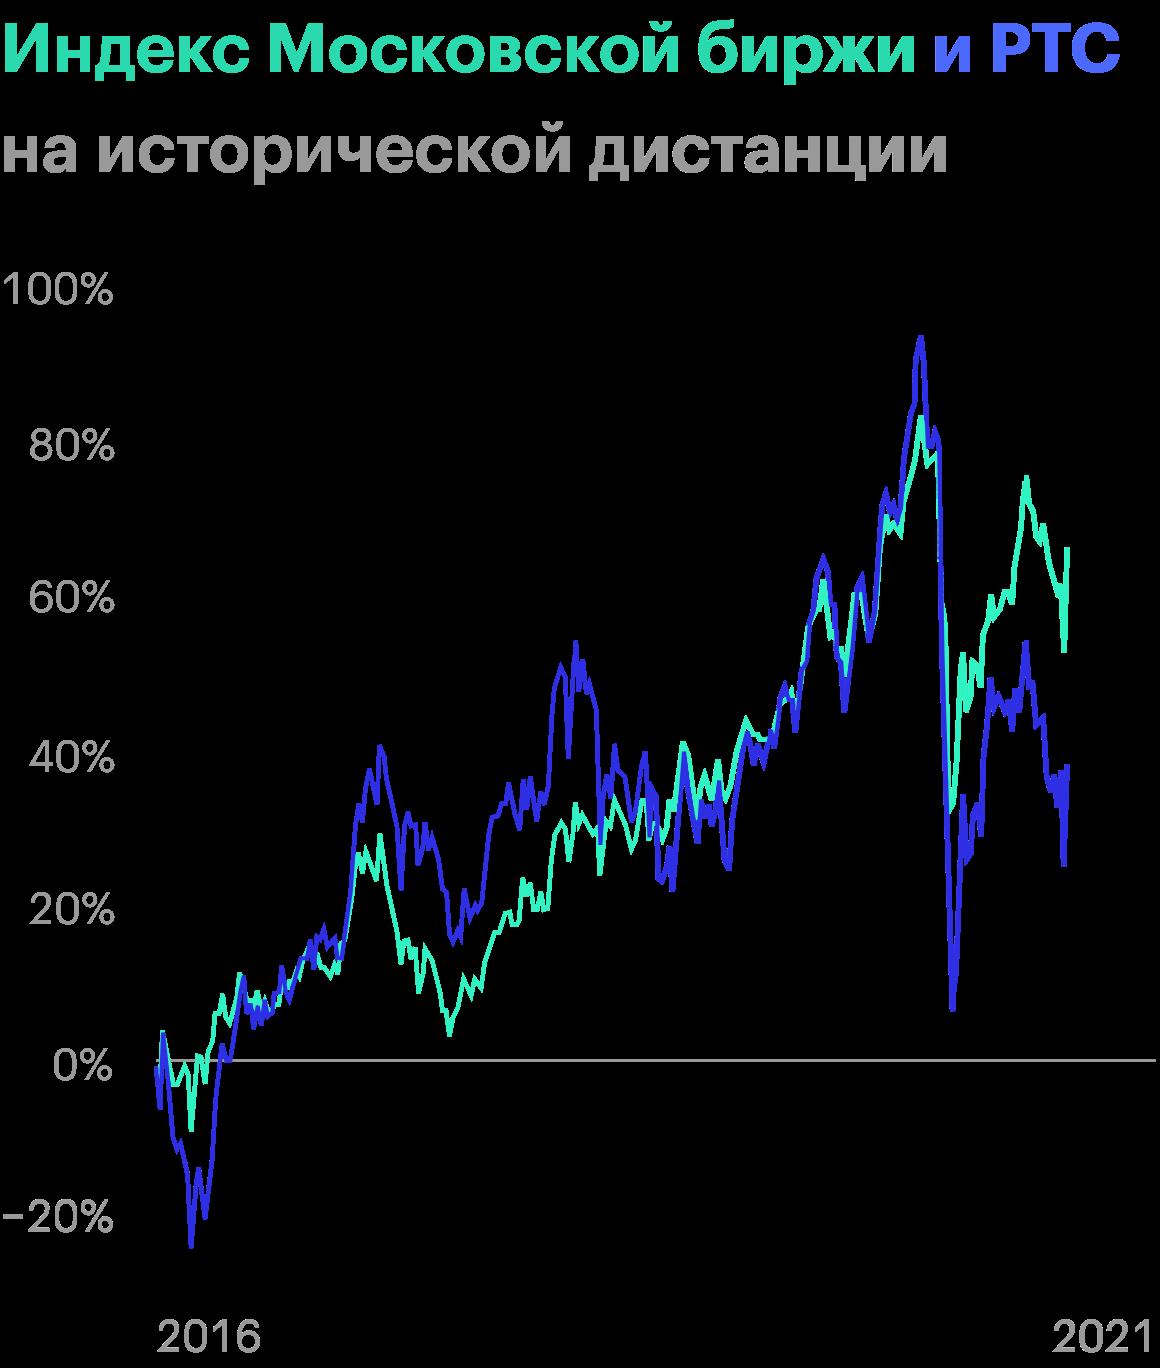 Источник: ru.tradingview.com